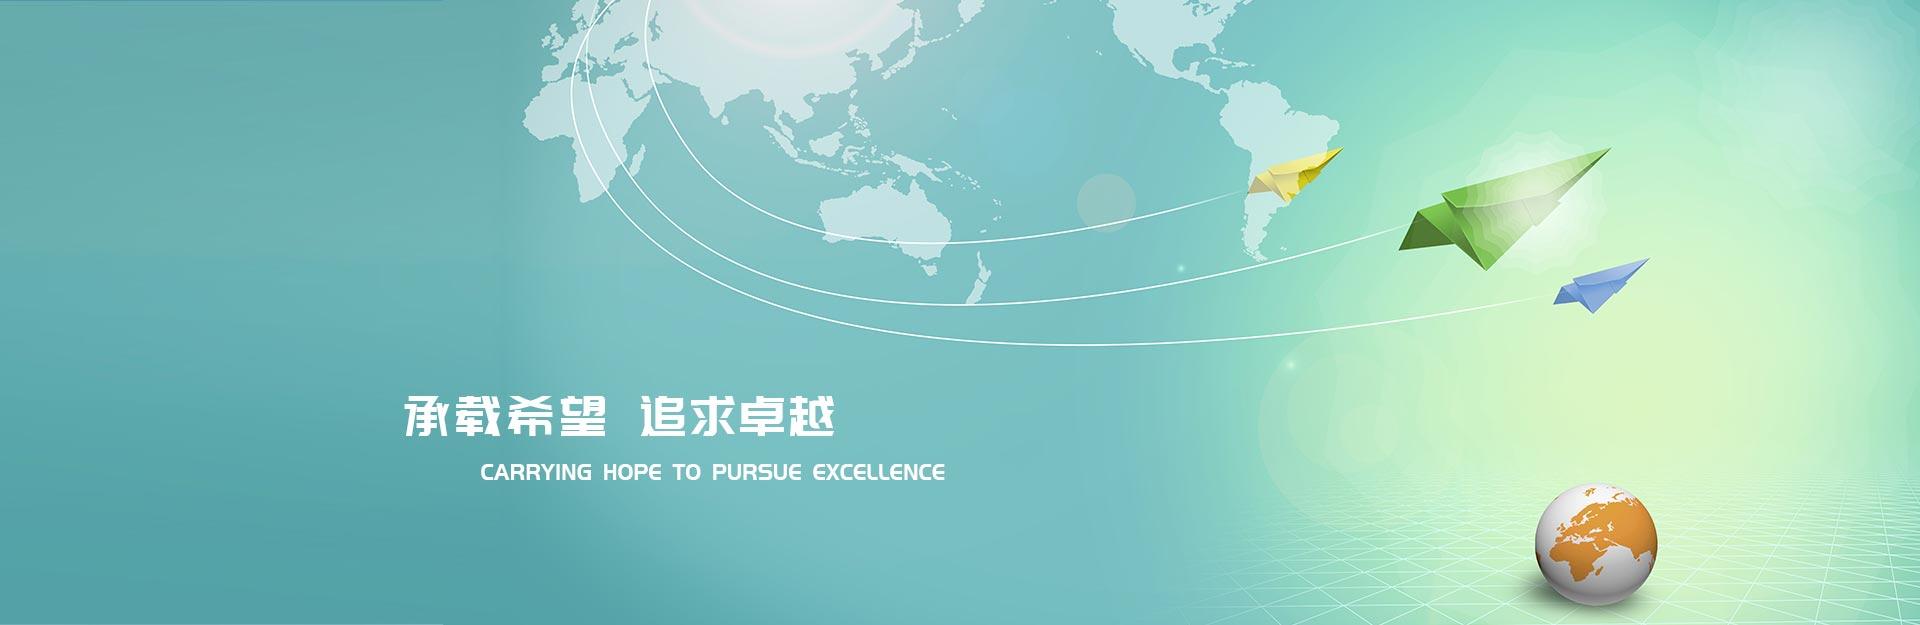 上海亚游电子科技有限公司